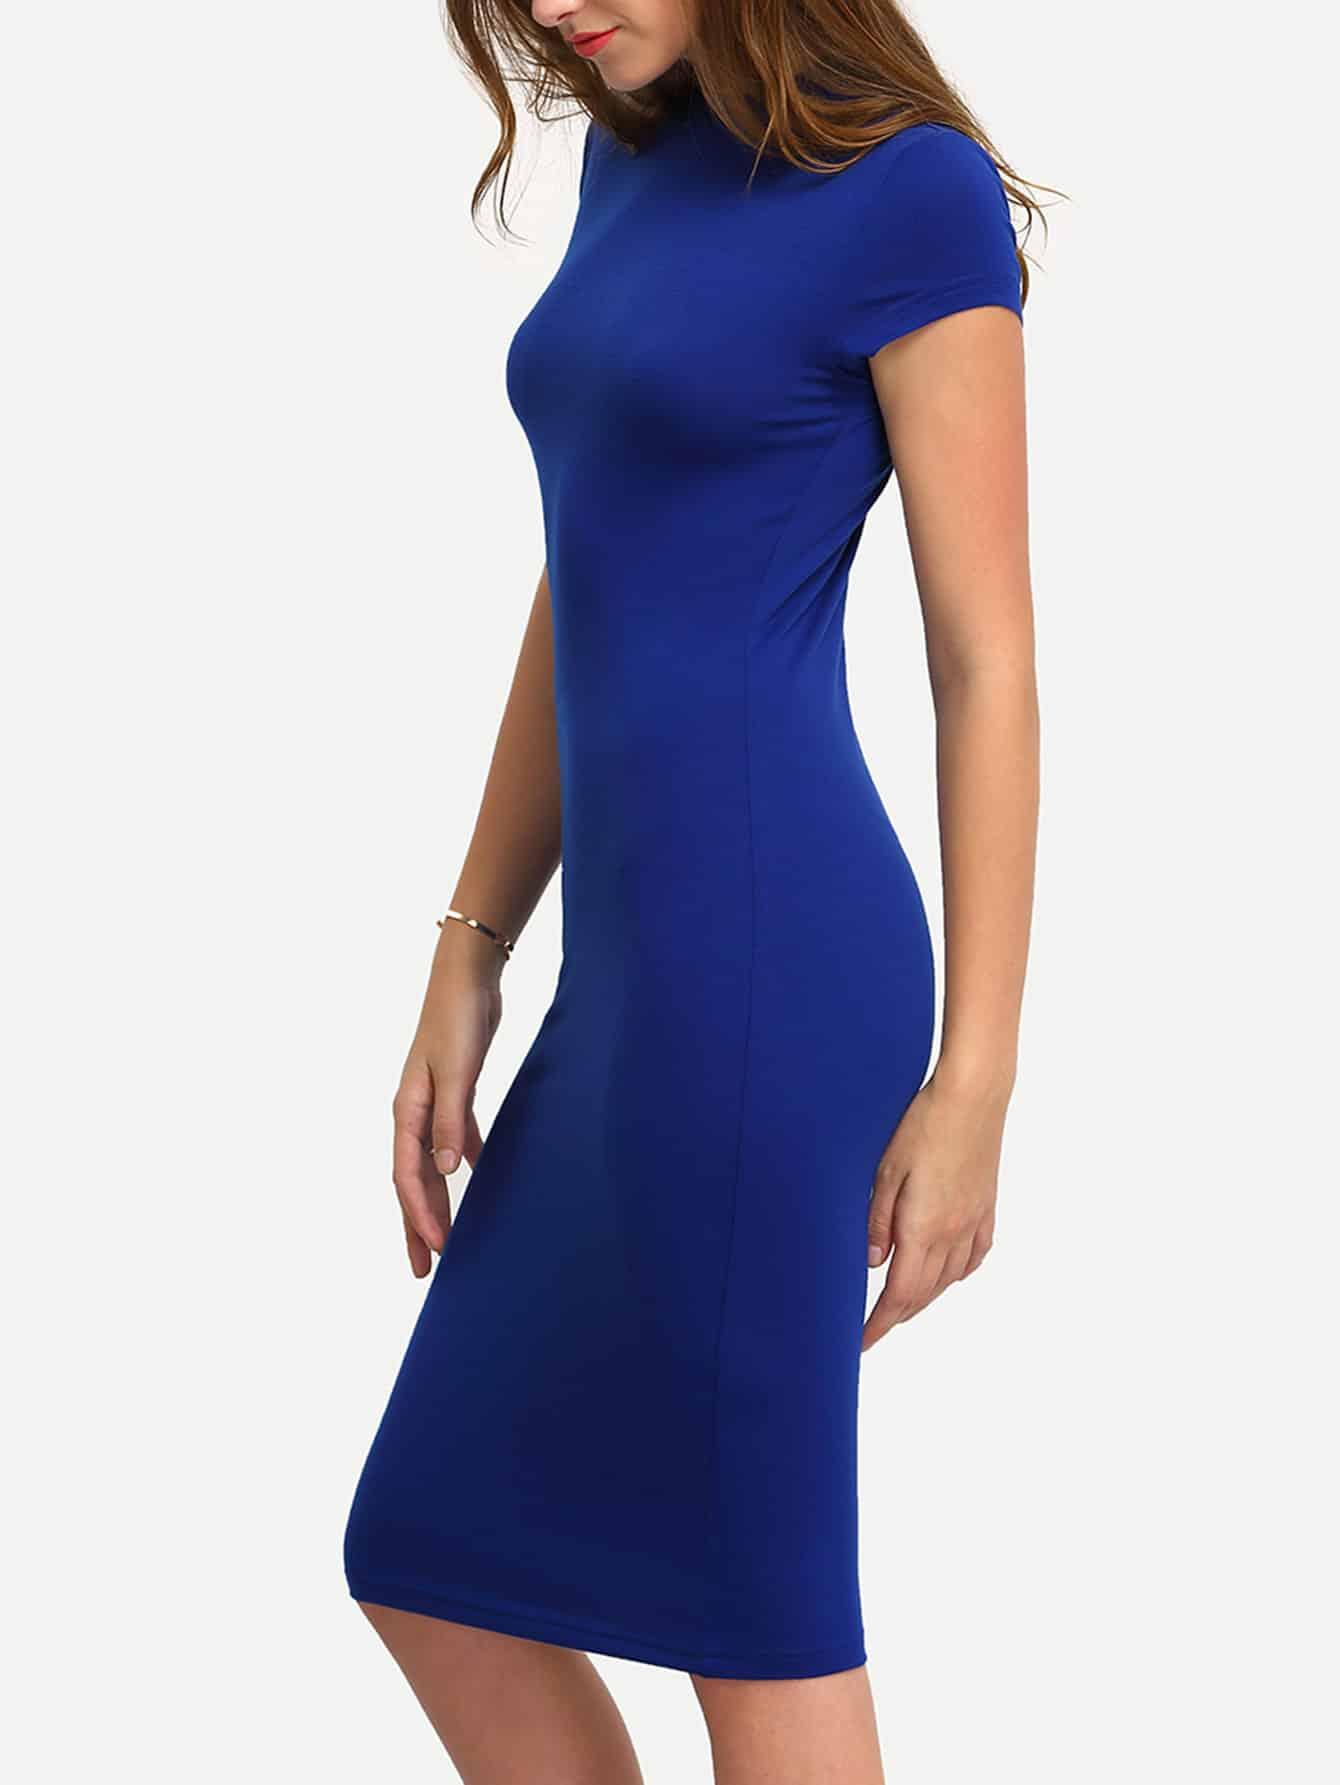 Bodycon Kleid knielang mit kurzen Ärmeln -blau- German SheIn(Sheinside)